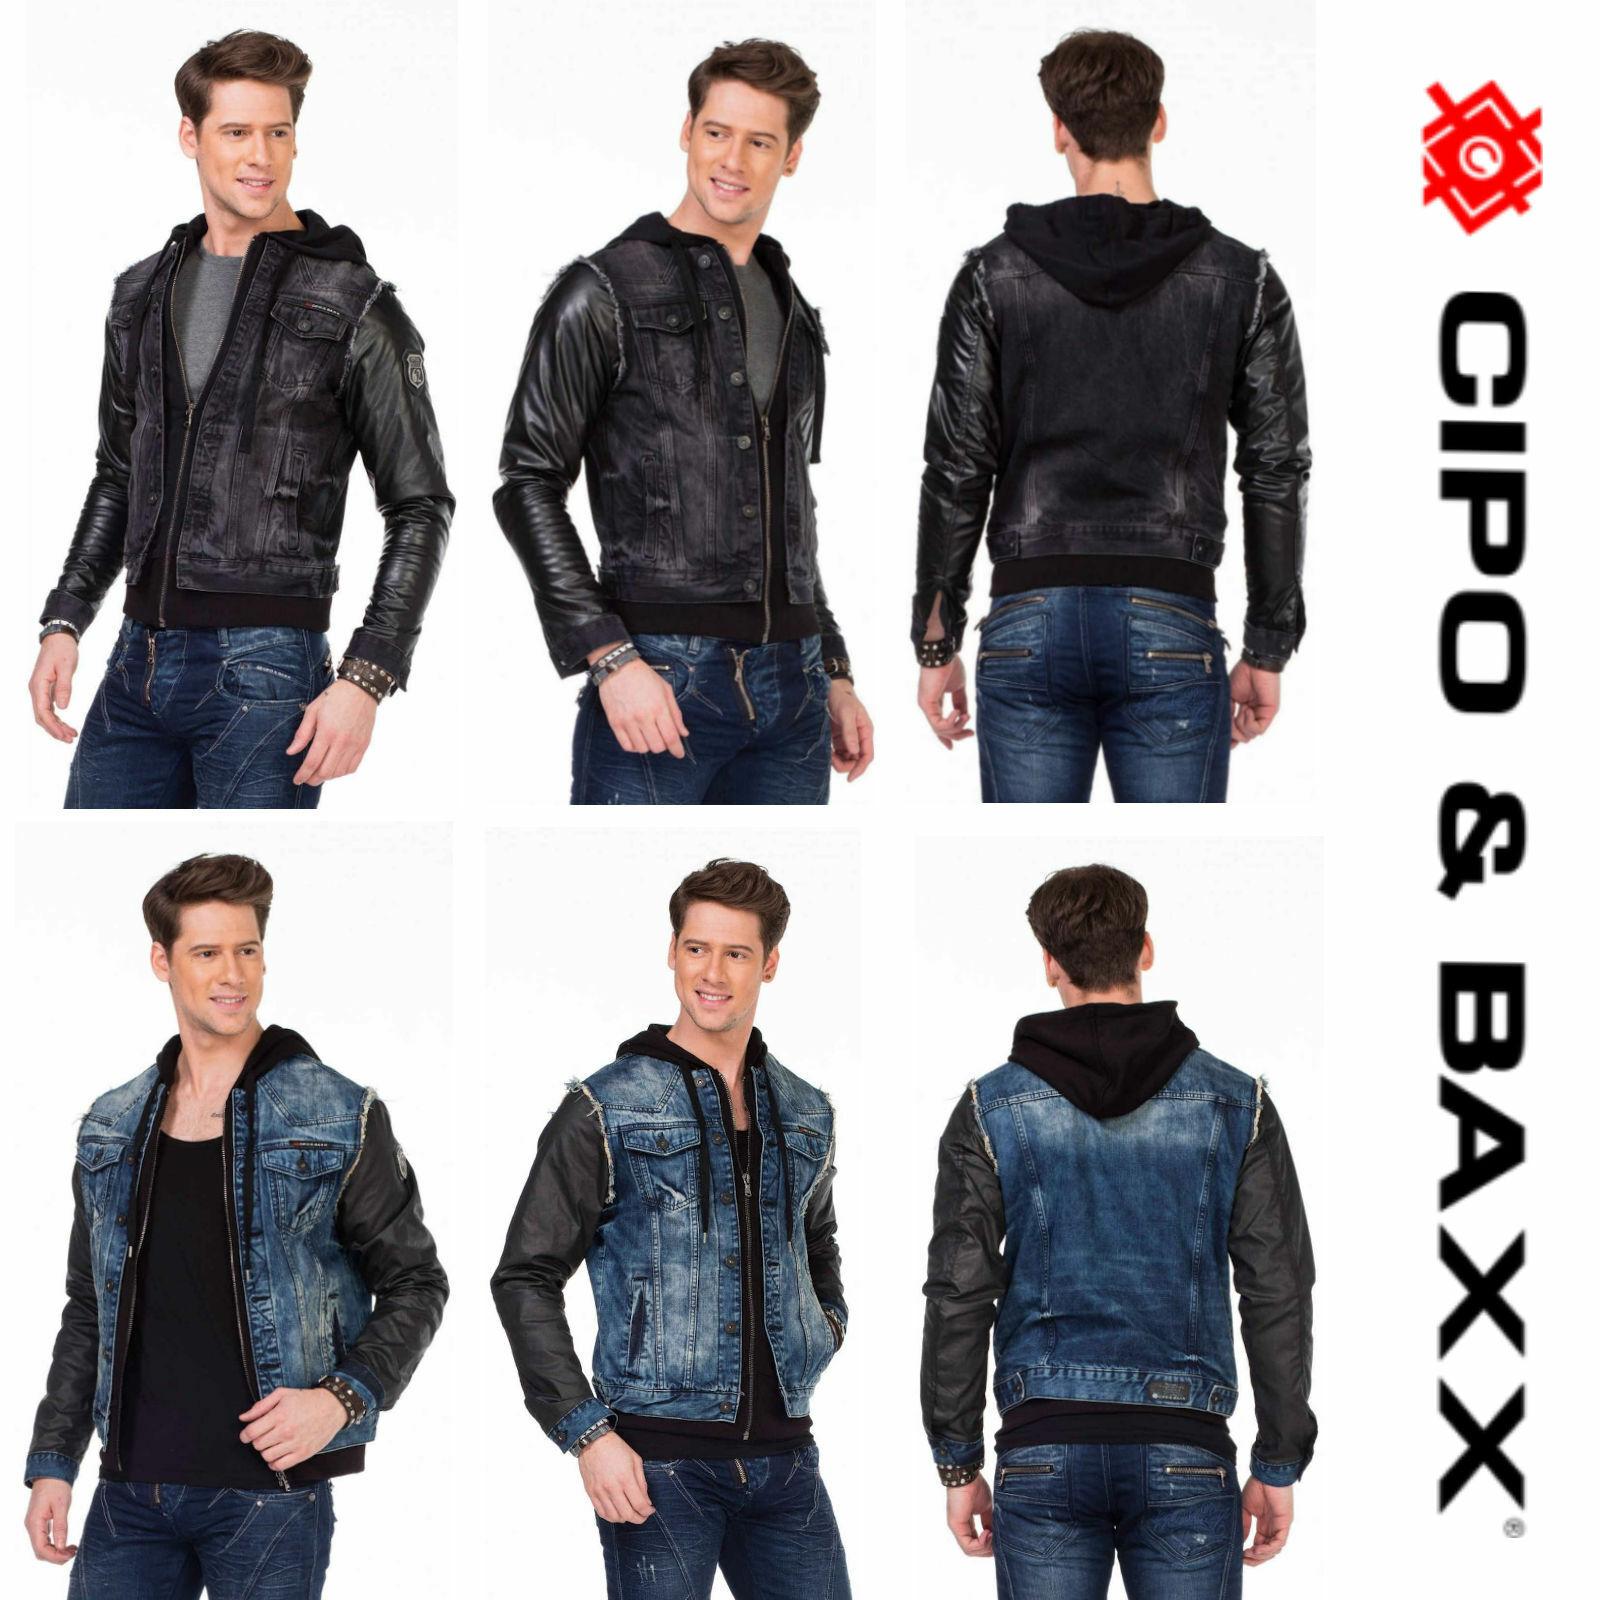 Cipo & Baxx hombres señores chaqueta invierno con mangas